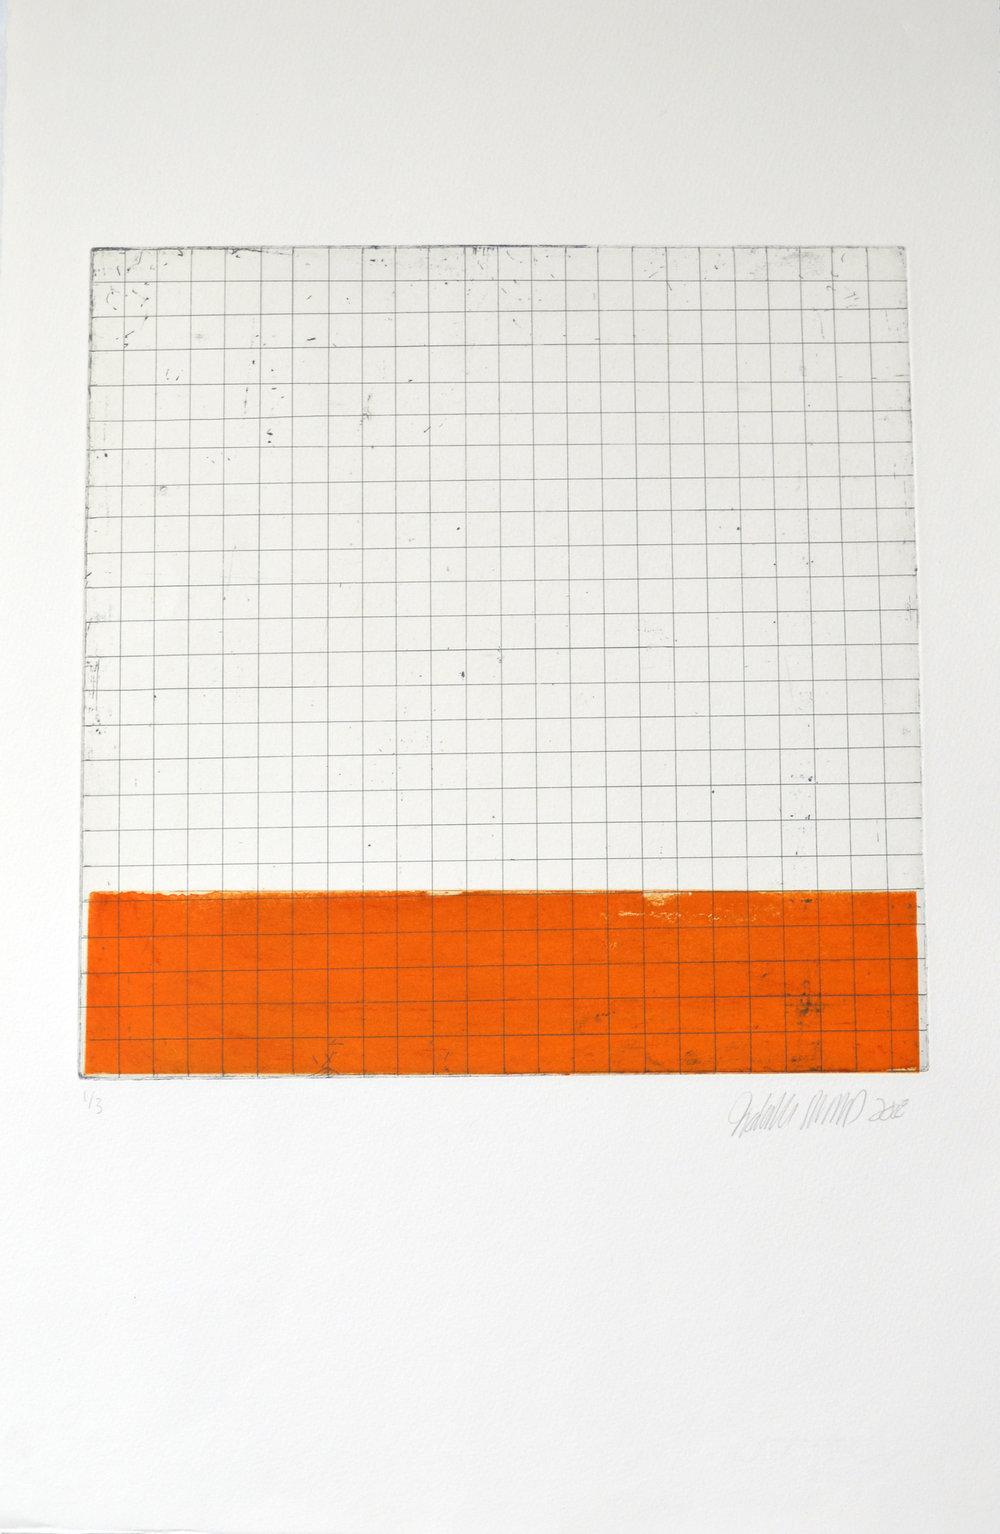 """Sans titre (de la série """"Espaces blancs"""", variante orange)"""